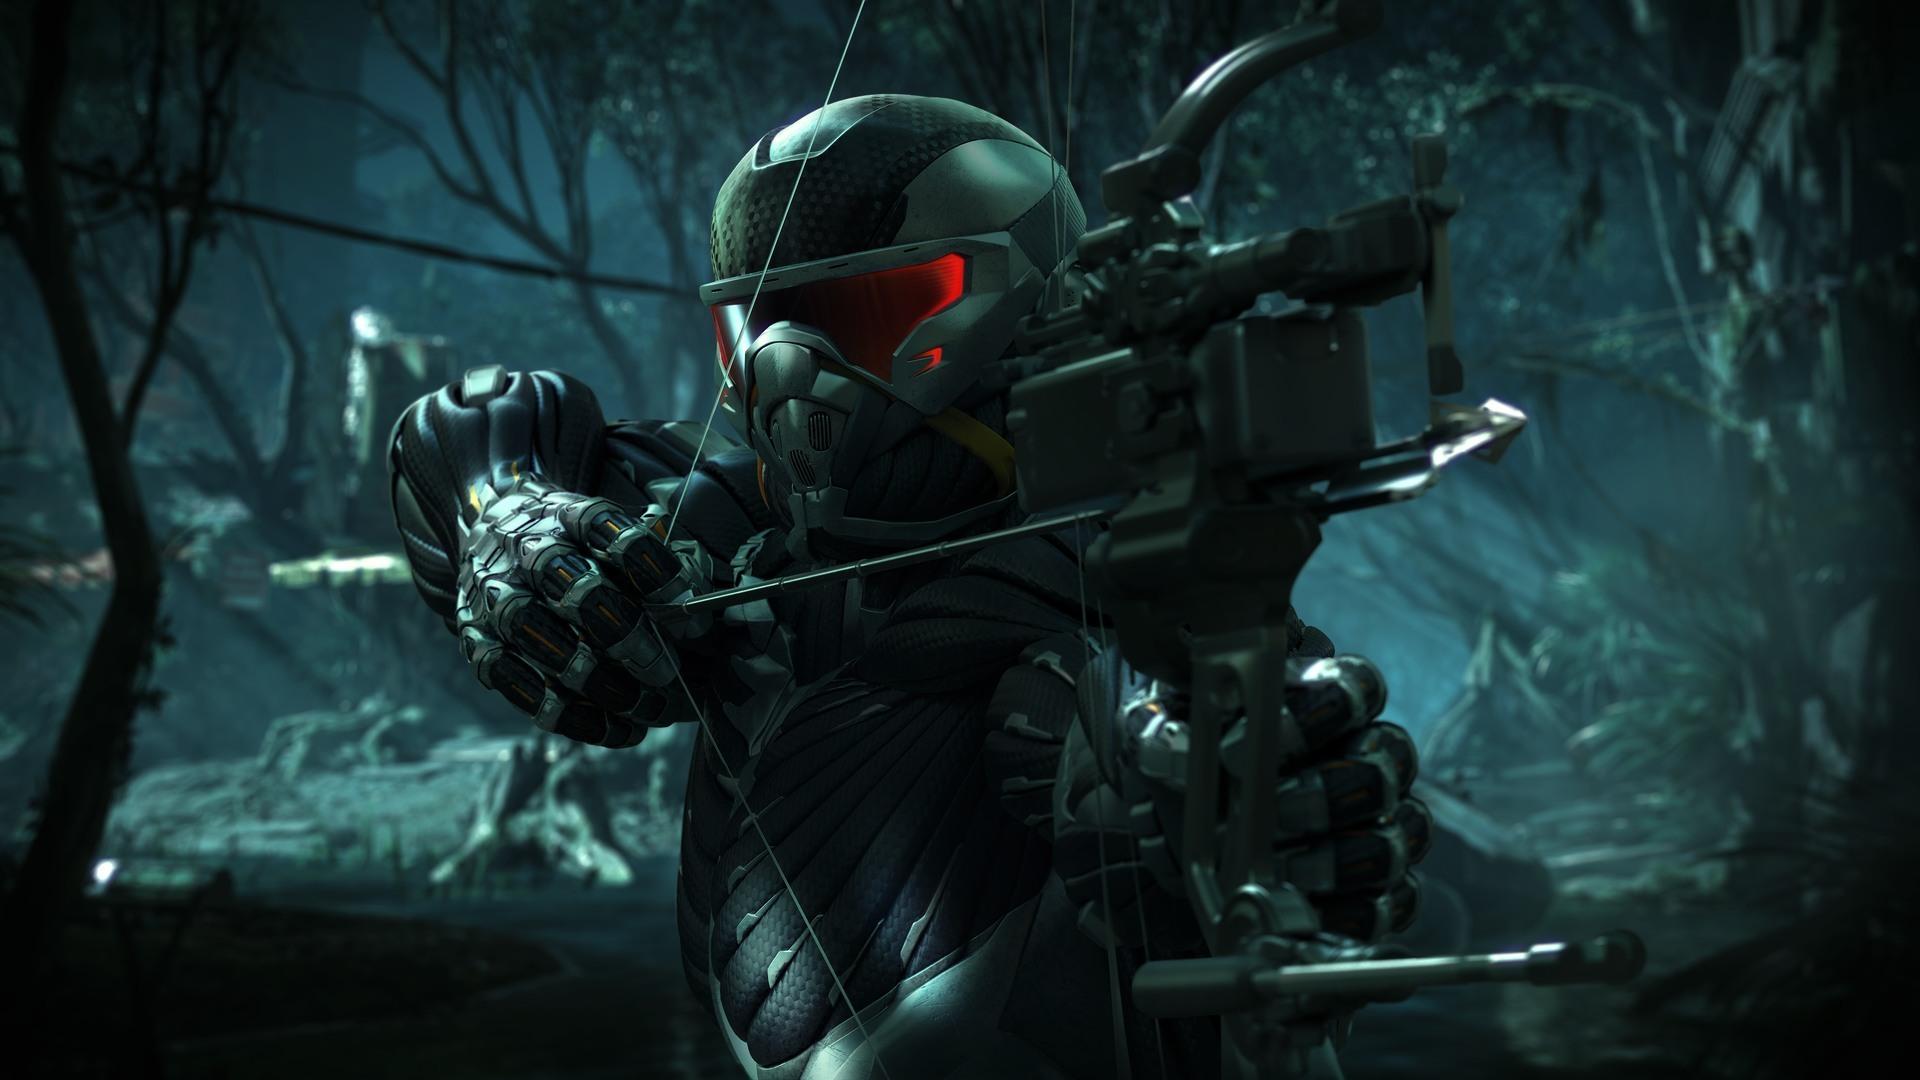 Bilder von Spiele Crysis Crysis 3 Bogenschütze Bogen Waffen computerspiel